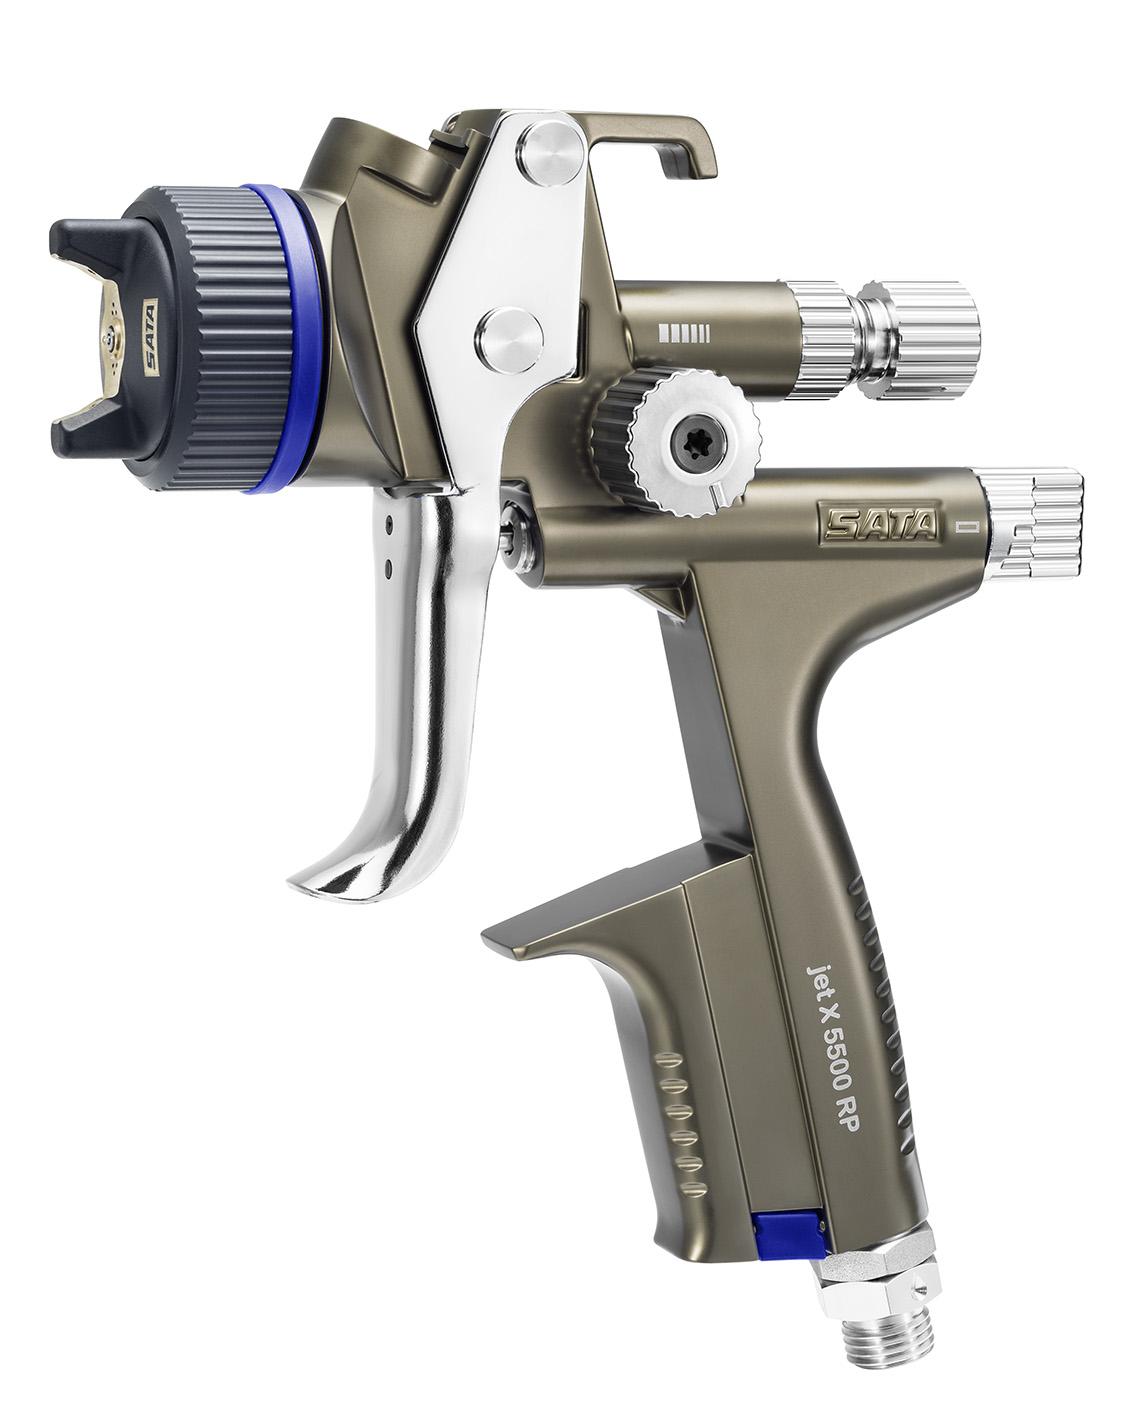 SATAjet X 5500 RP - Lackierpistole -  RPS-Einwegbecher 0,6 l / 0,9 l (je 1x) - mit Drehgelenk - für KFZ, Maler, Tischler und Industrie